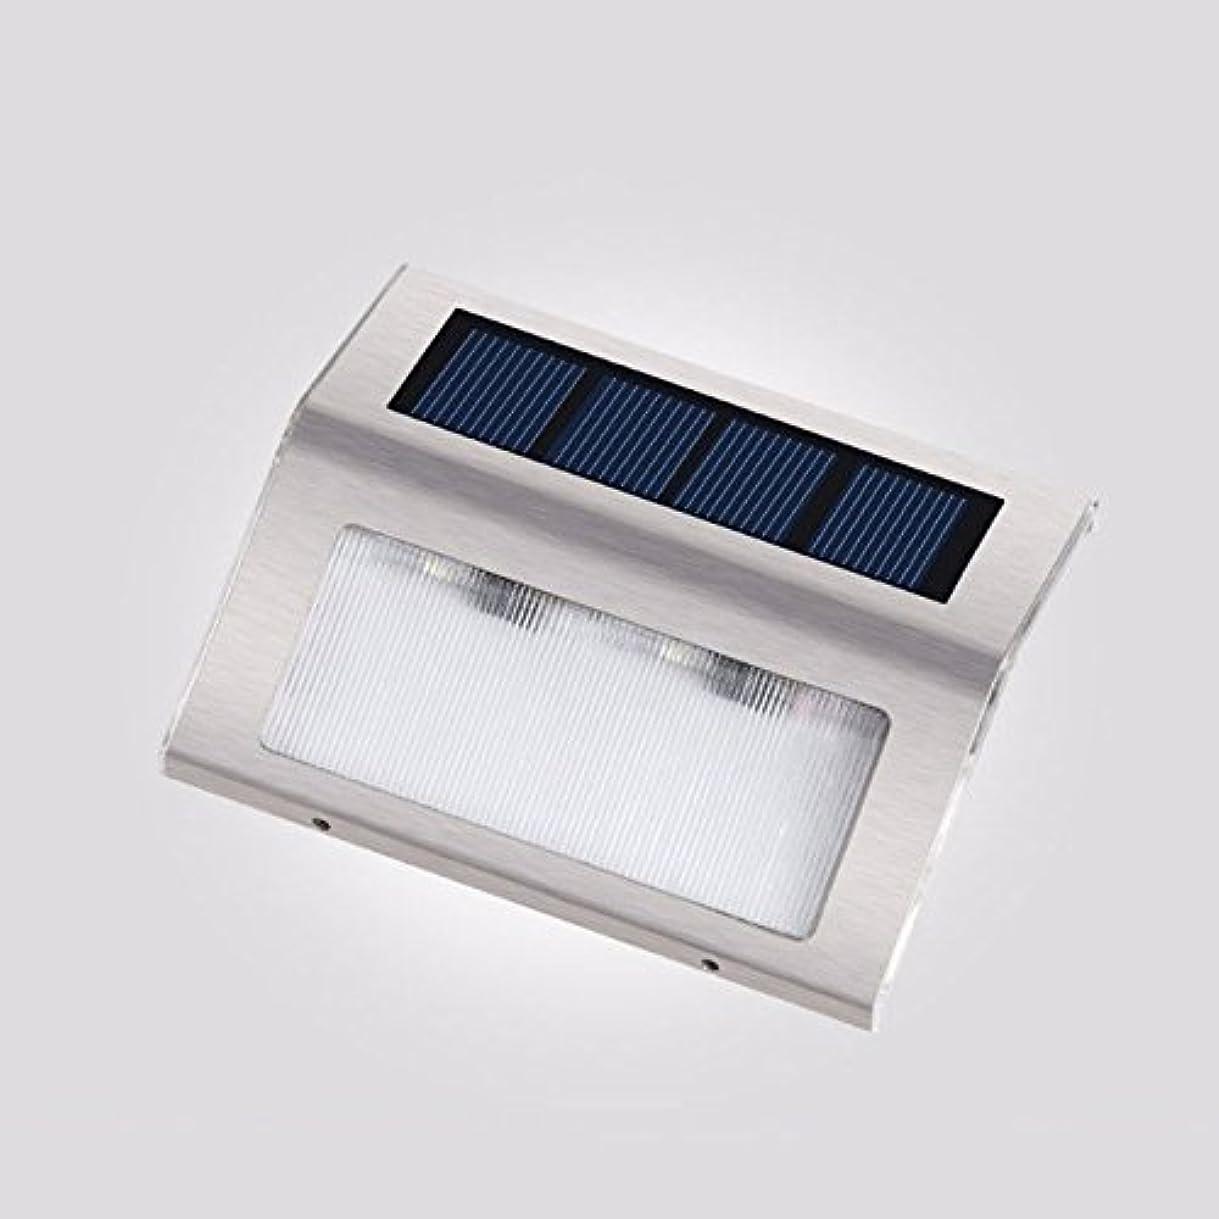 コテージ生息地所持ソーラーステッドライト、LEDライトソーラーパワードライト屋外照明庭、フェンス、パティオ、庭、歩道、ドライブウェイ、外壁、防水、自動、5パック